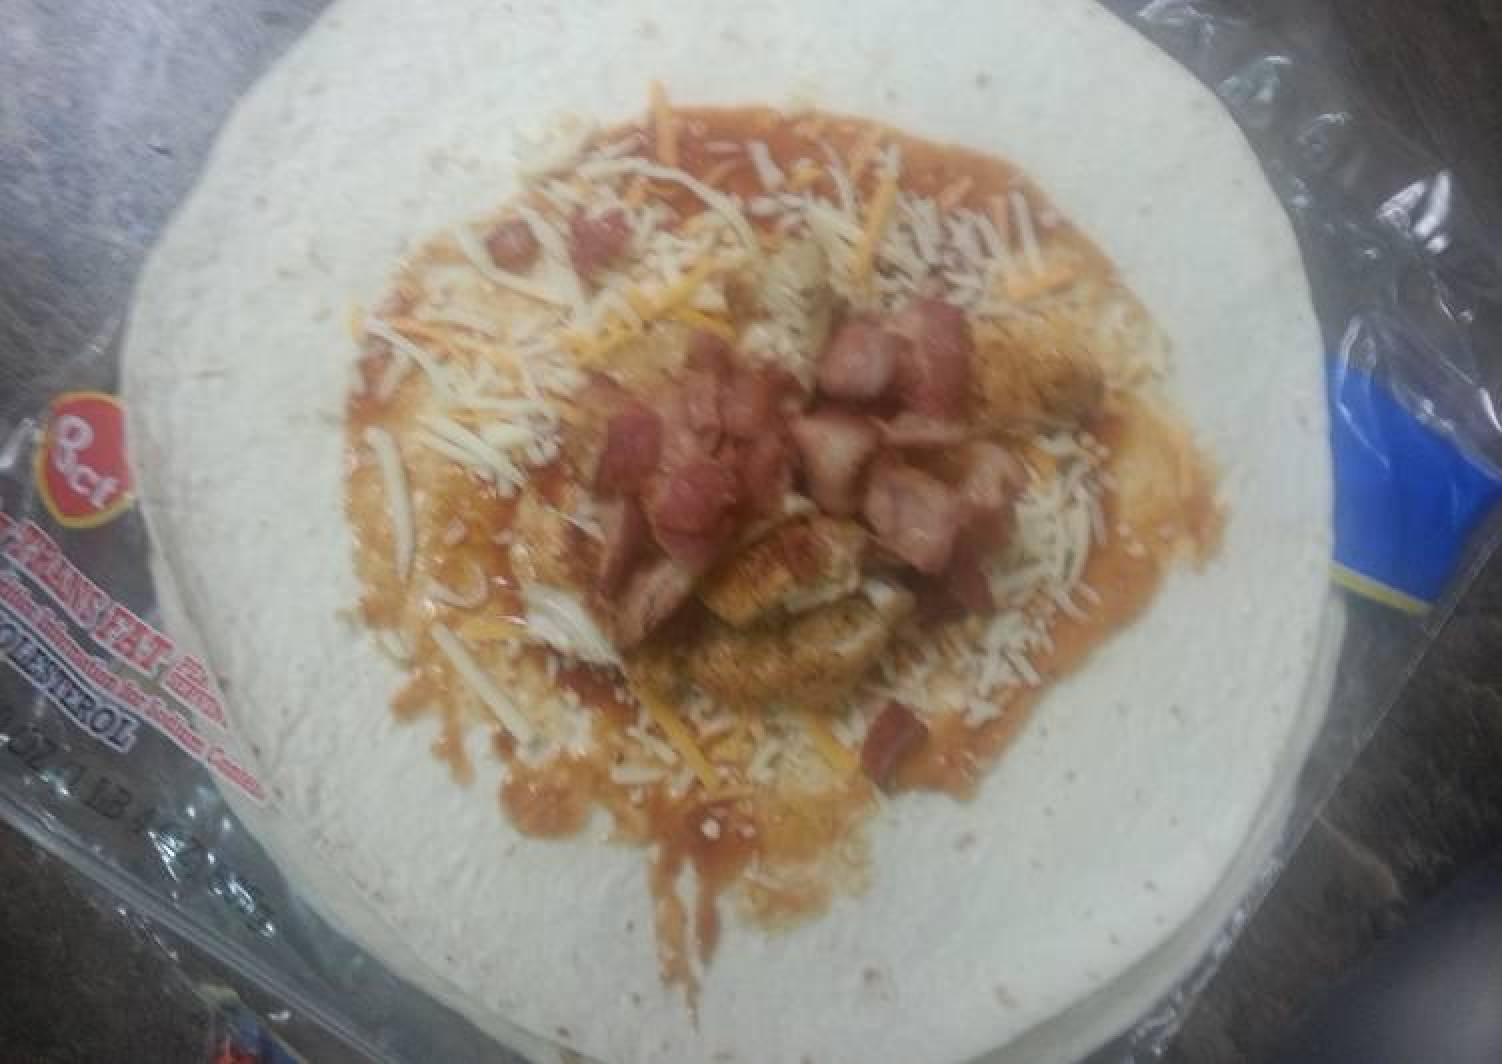 Barbecue bacon ranch chicken quesadillas